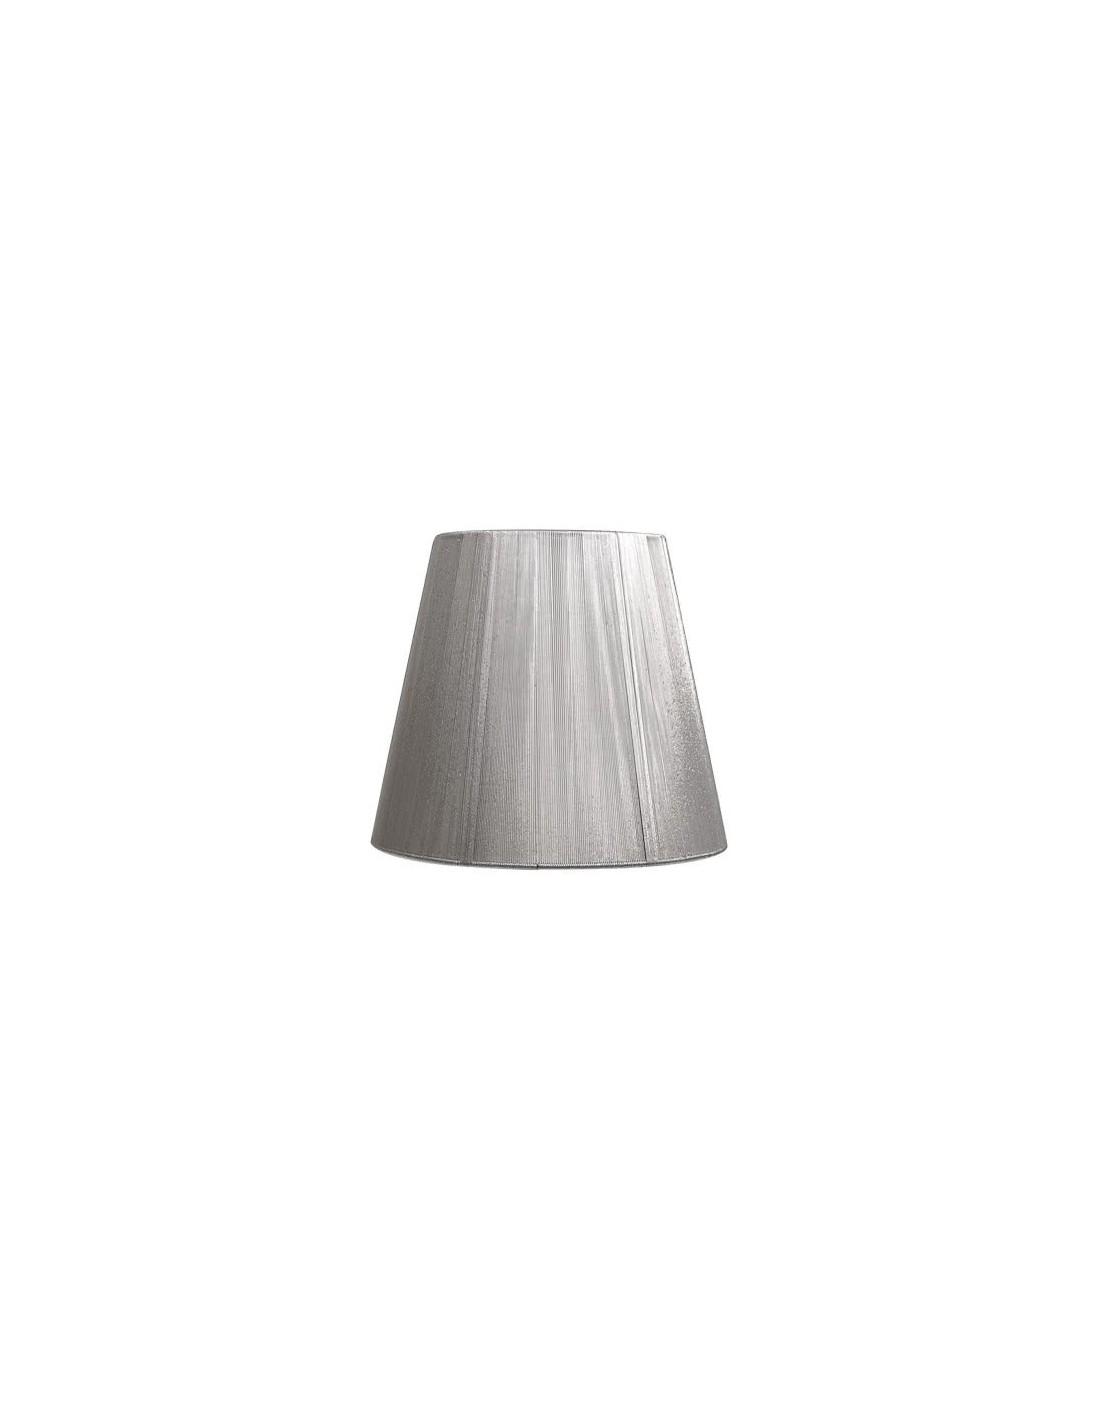 Acheter gea 55 9187 ca 37 leds c4 encastrable de sol ext rieur for Lampe exterieur encastrable